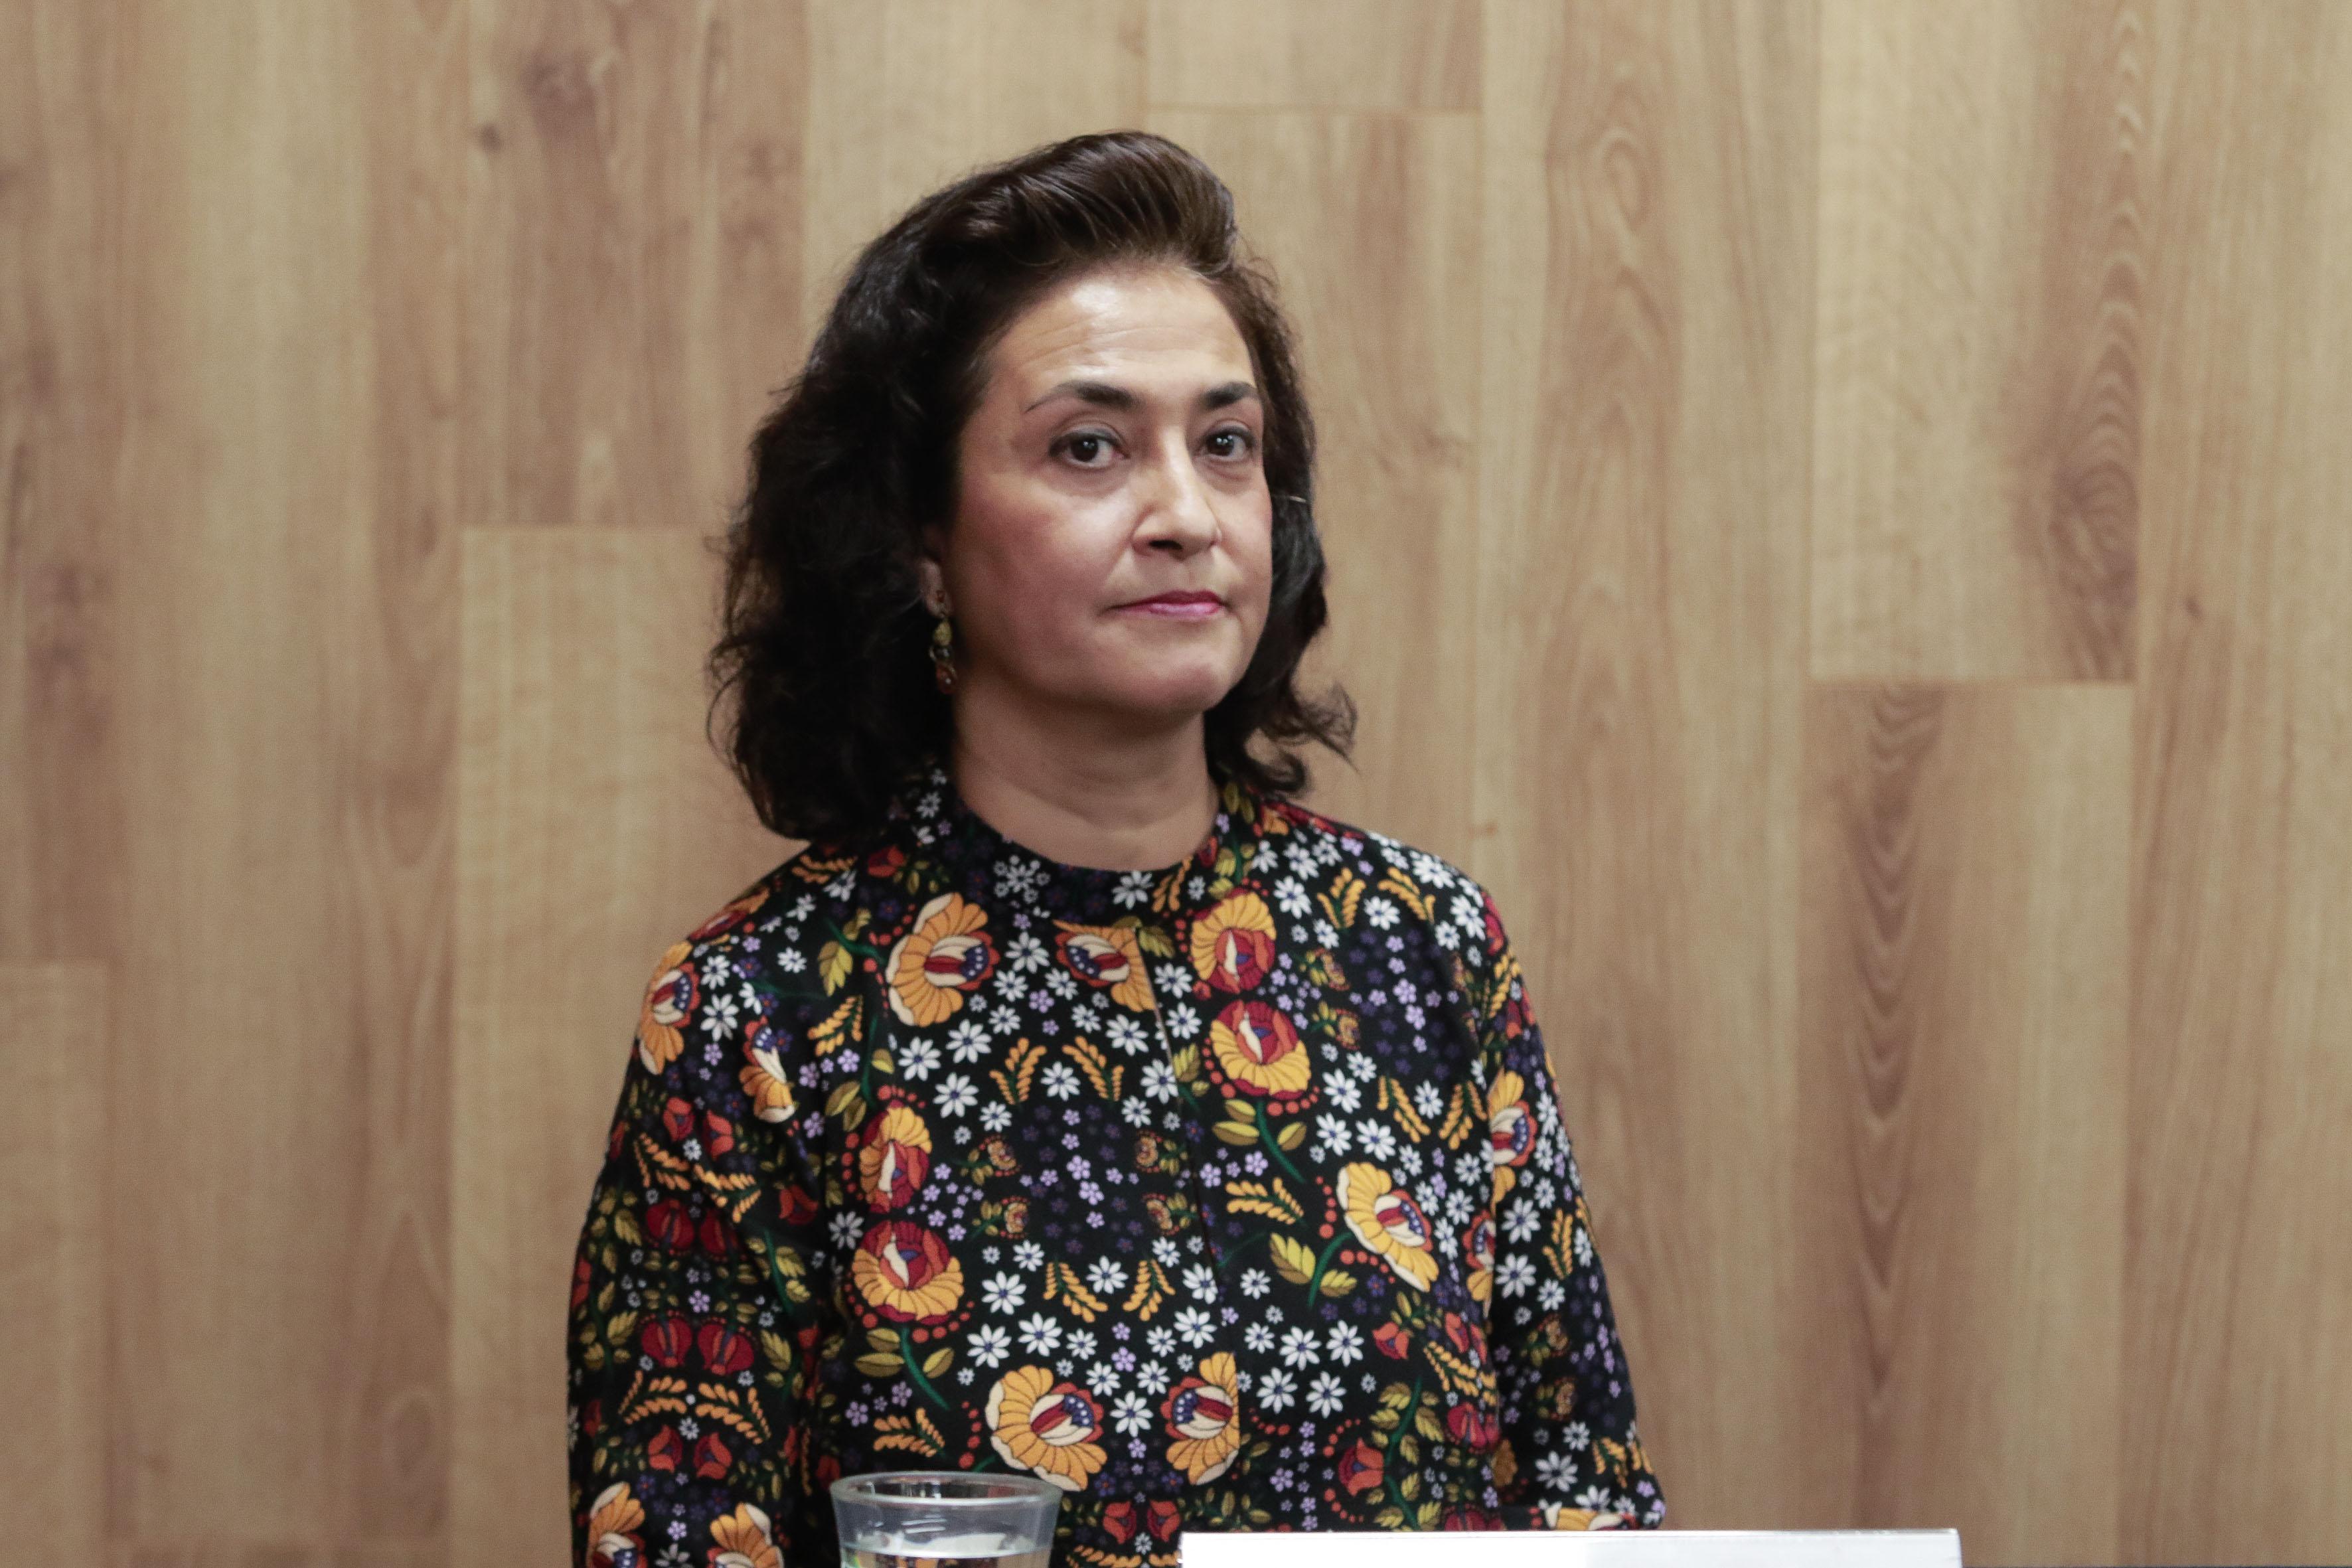 Maestra Celina Esmeralda Lara Hernández, miembro de la Unidad de Desarrollo de la Red, de la Coordinación General de Tecnologías de la Información.